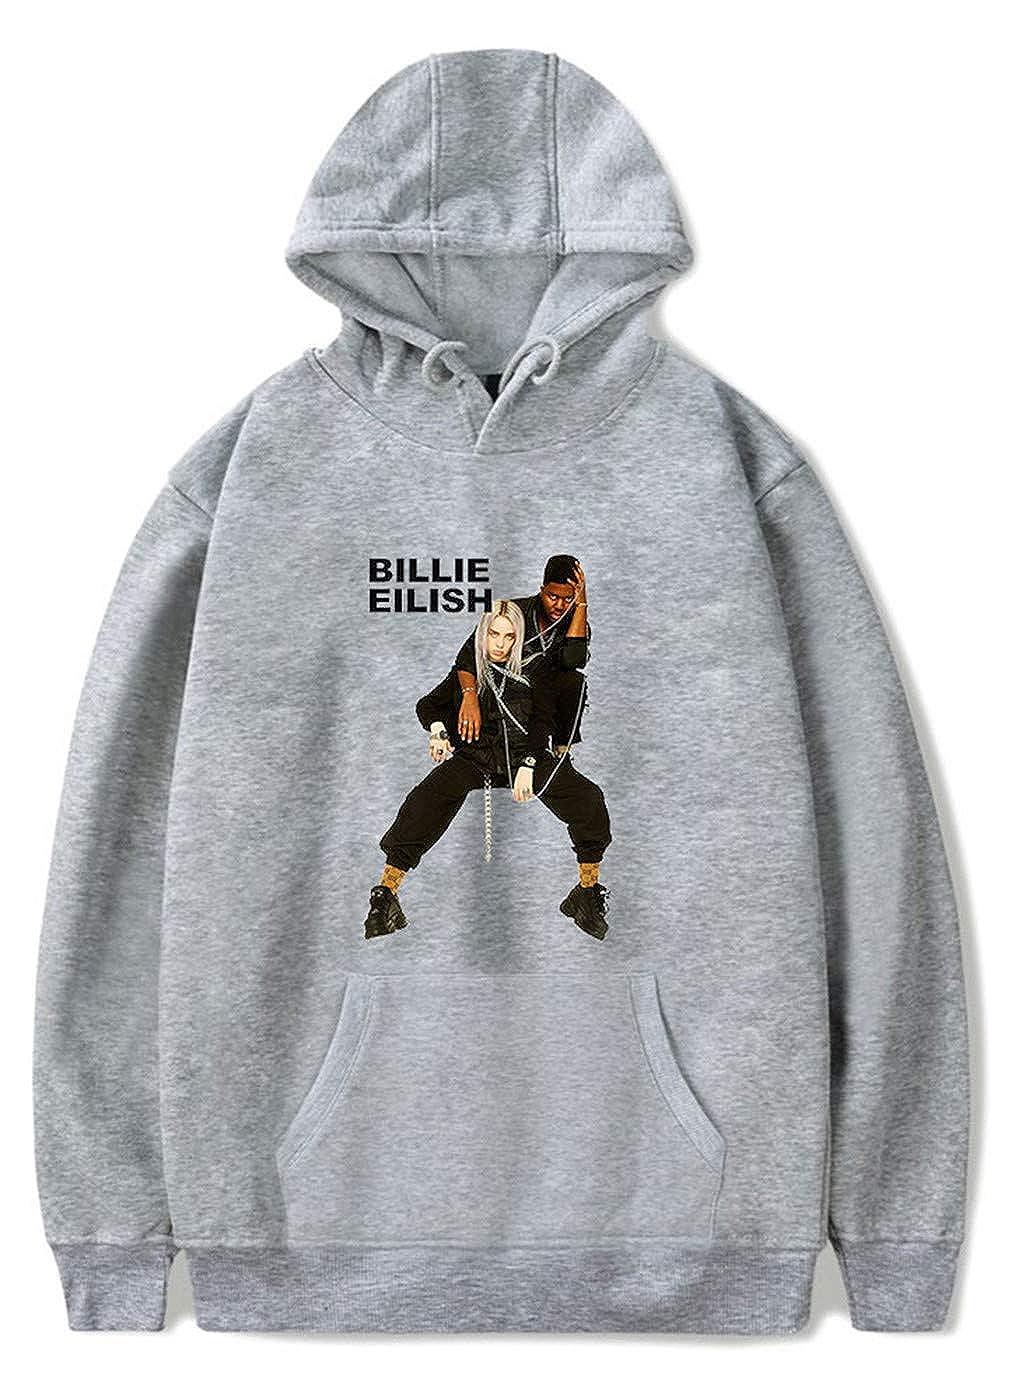 SIMYJOY Unisex Billie Eilish Fans Sudadera con Capucha Hip Pop Cool Pullover Instagram Sudadera 2019 Nuevo Streetwear para Hombres, Mujeres y Adolescentes: ...